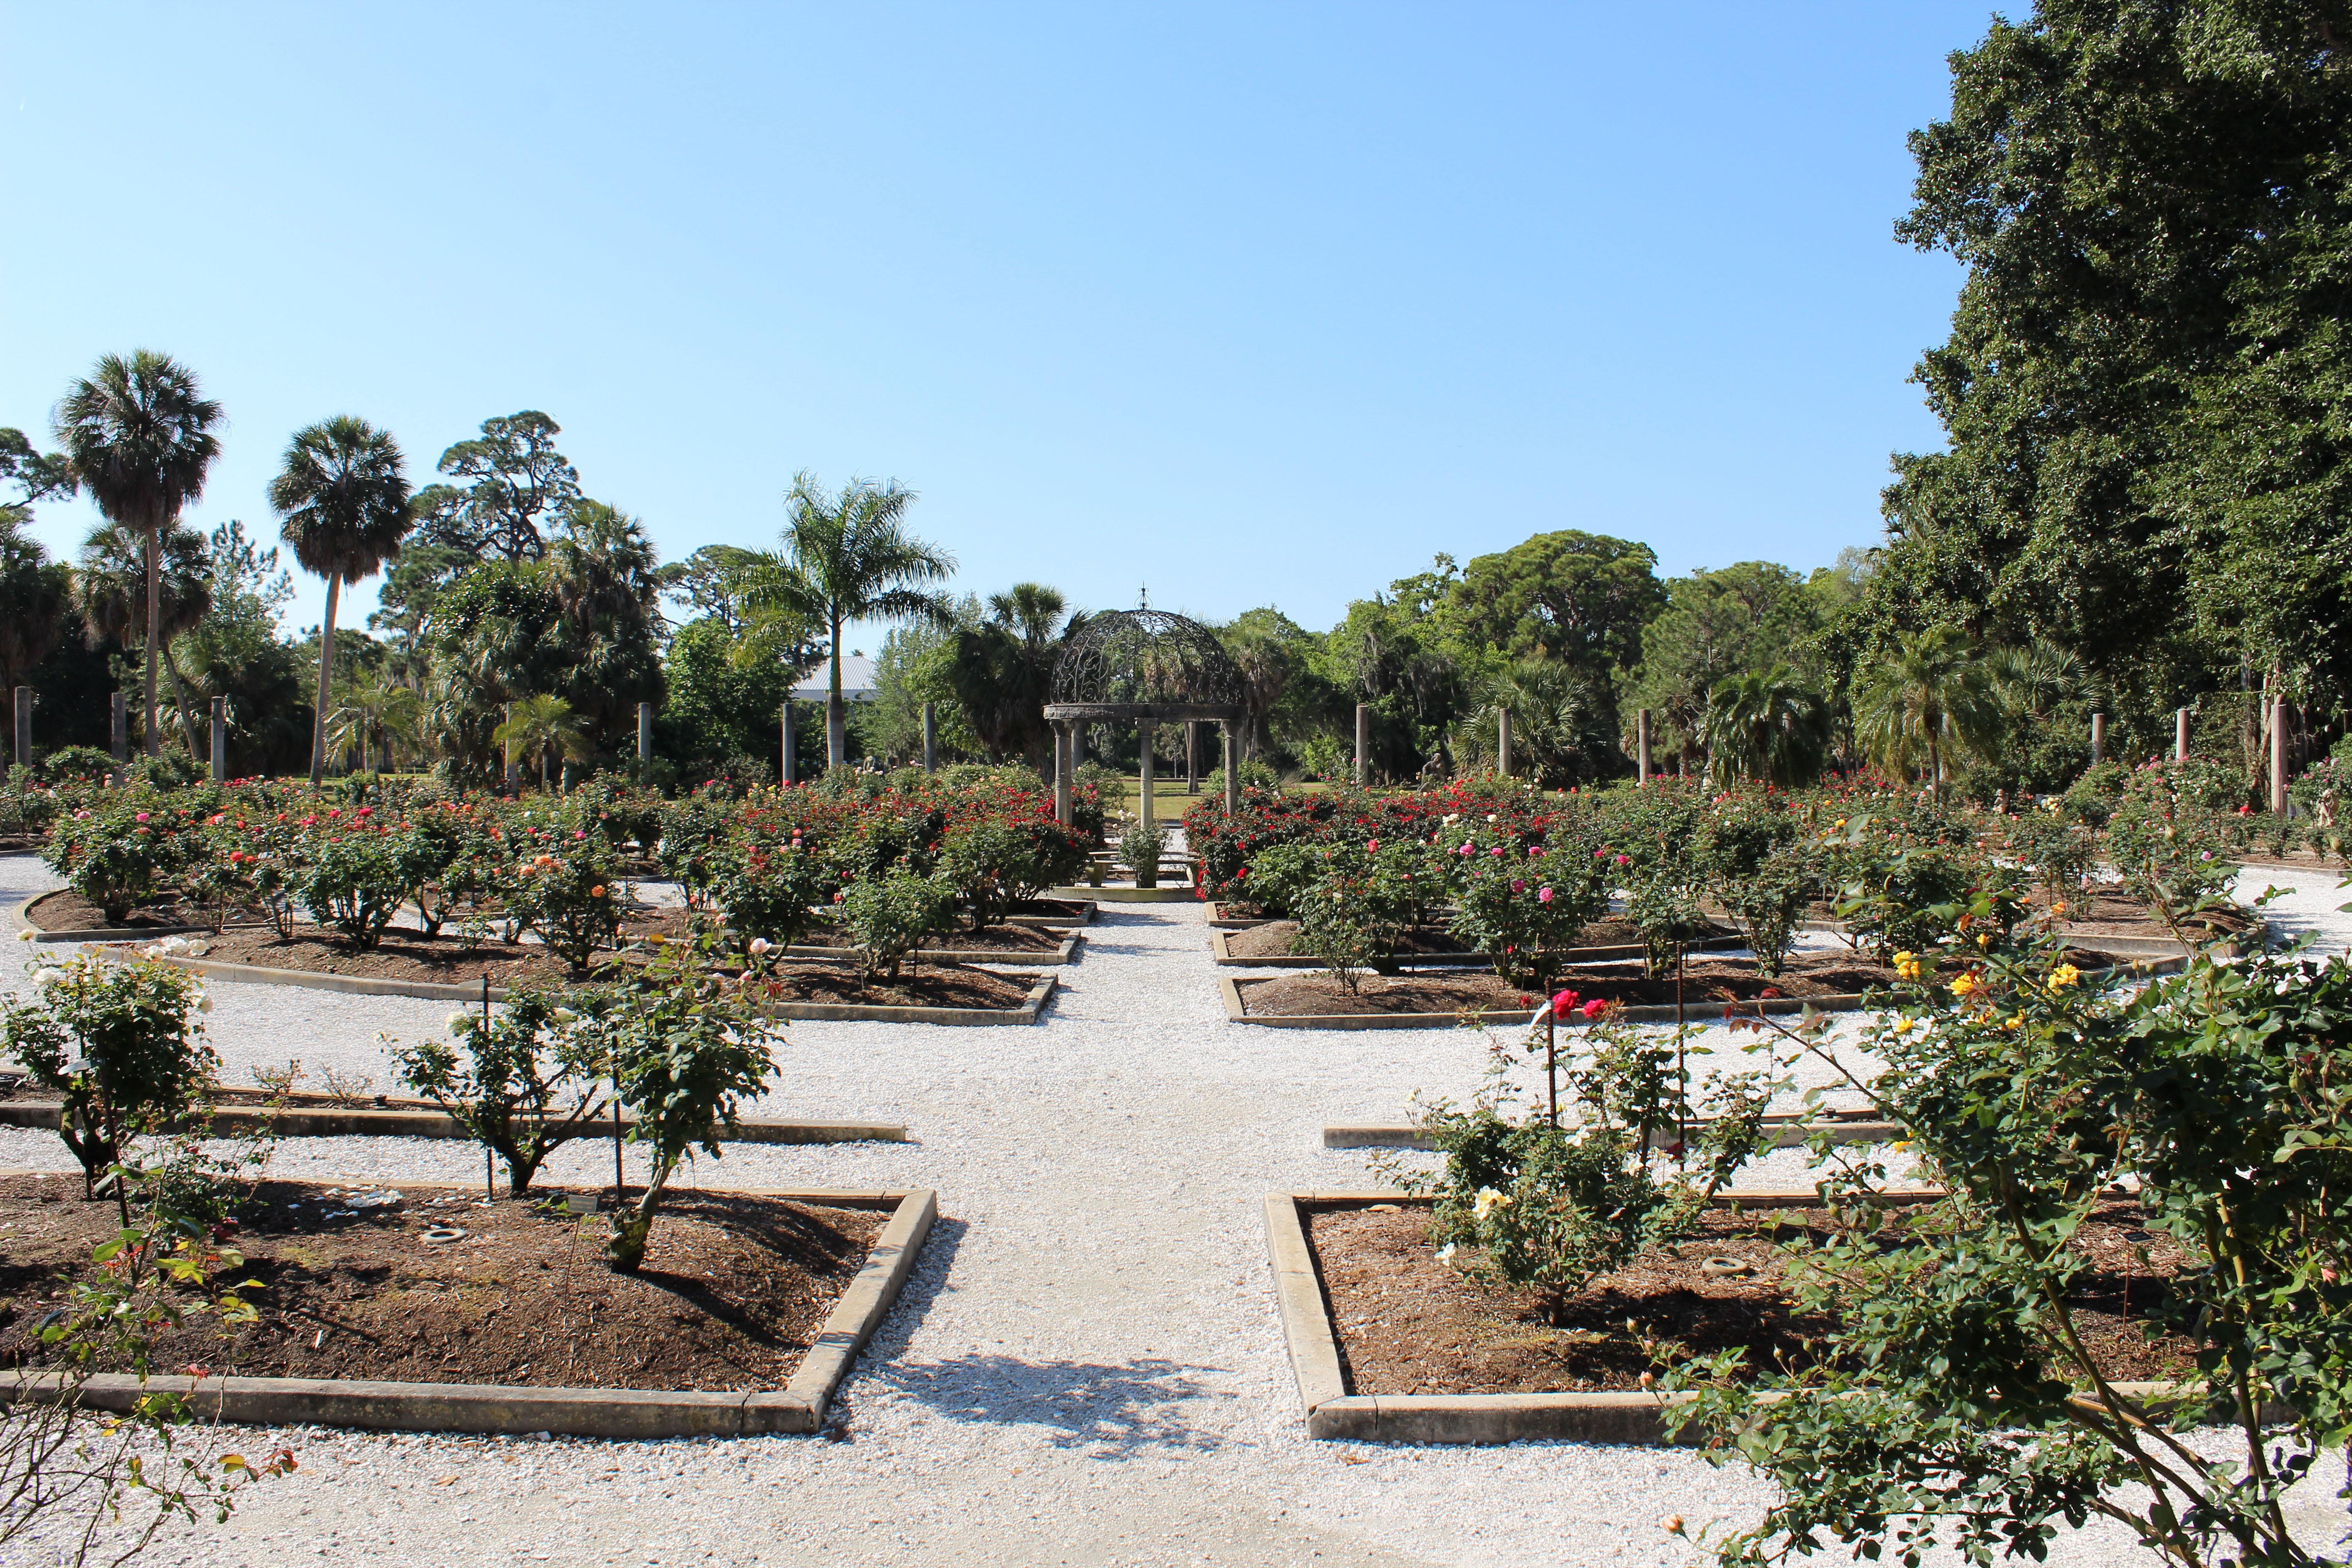 Garten eden im ringling museum of art in sarasota for Garten eden